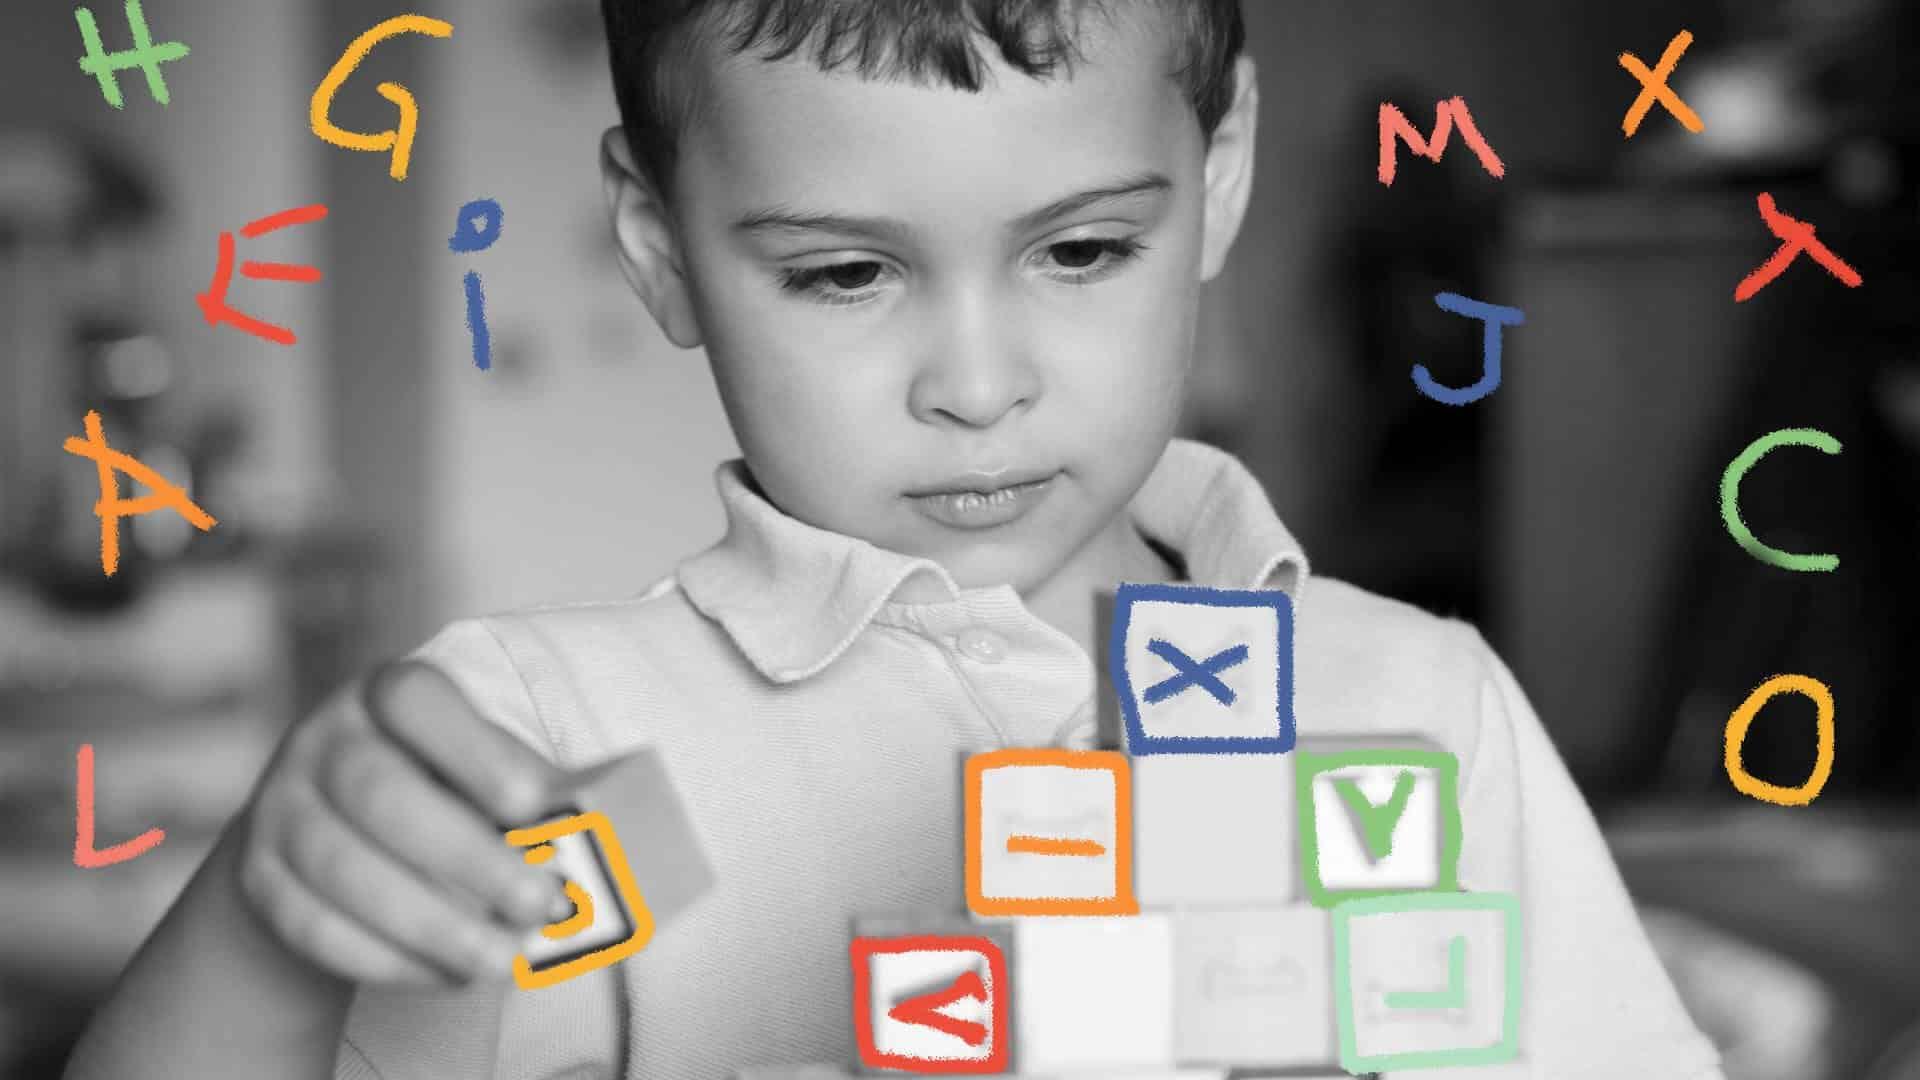 26 nomes diferentes e chiques e os seus significados